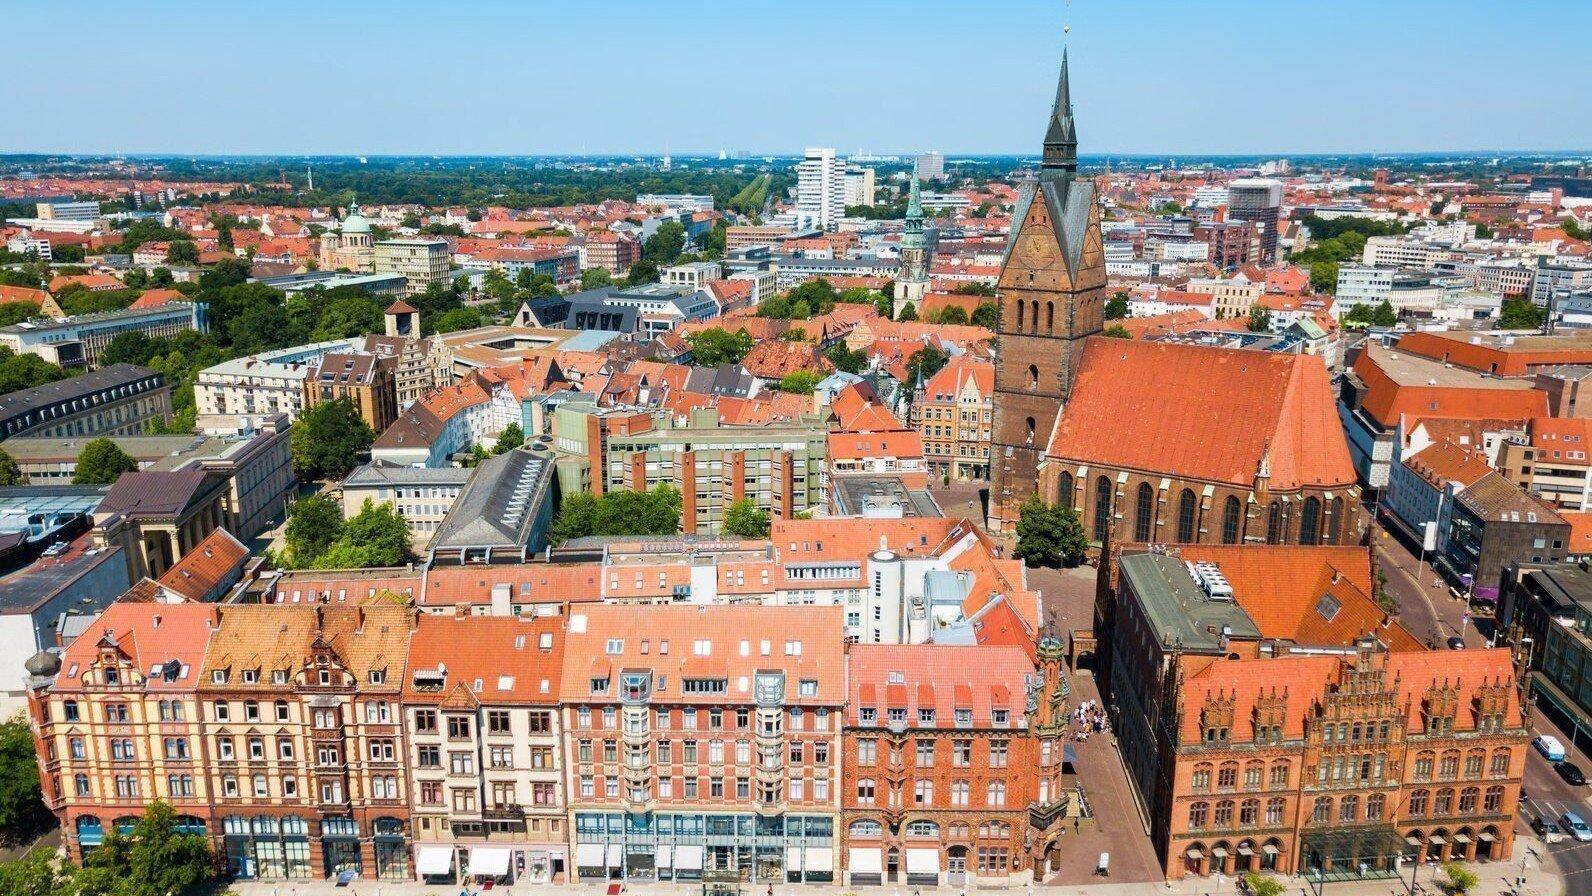 Reinigungsservice in Hannover